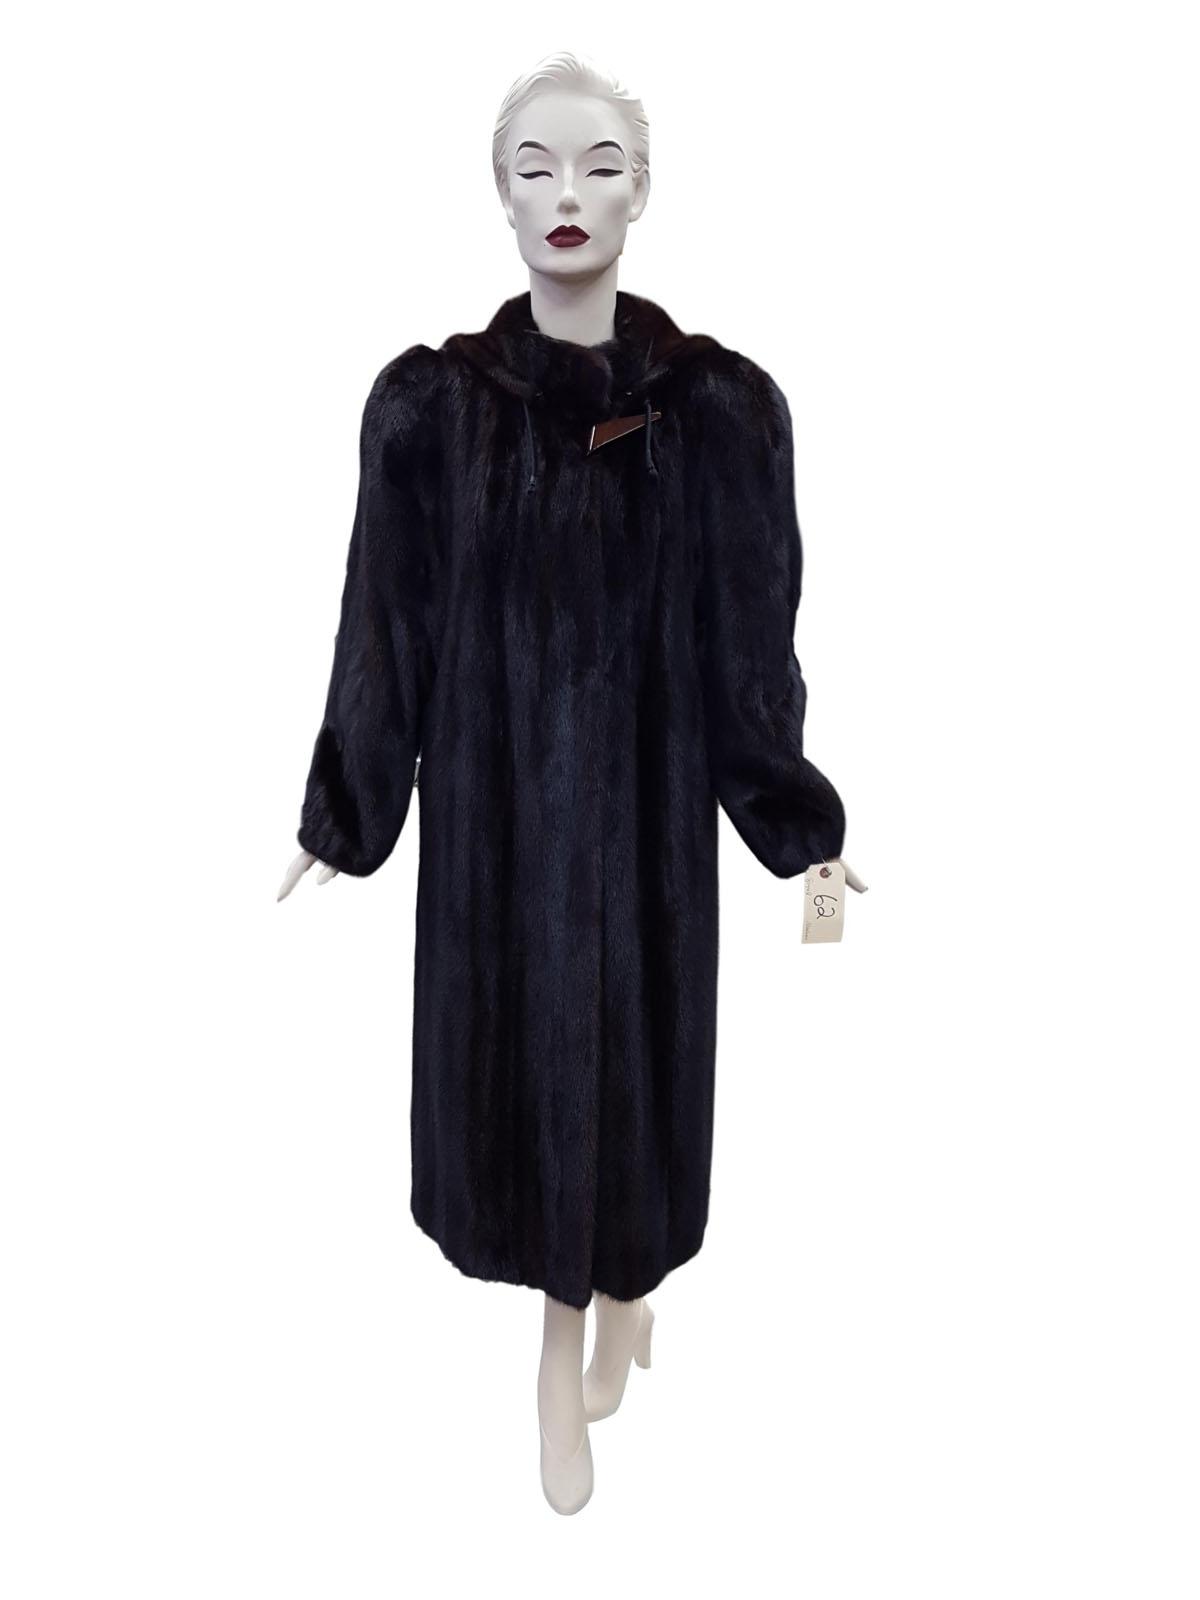 Natural Mahogany Mink Coat with Detachable Hood